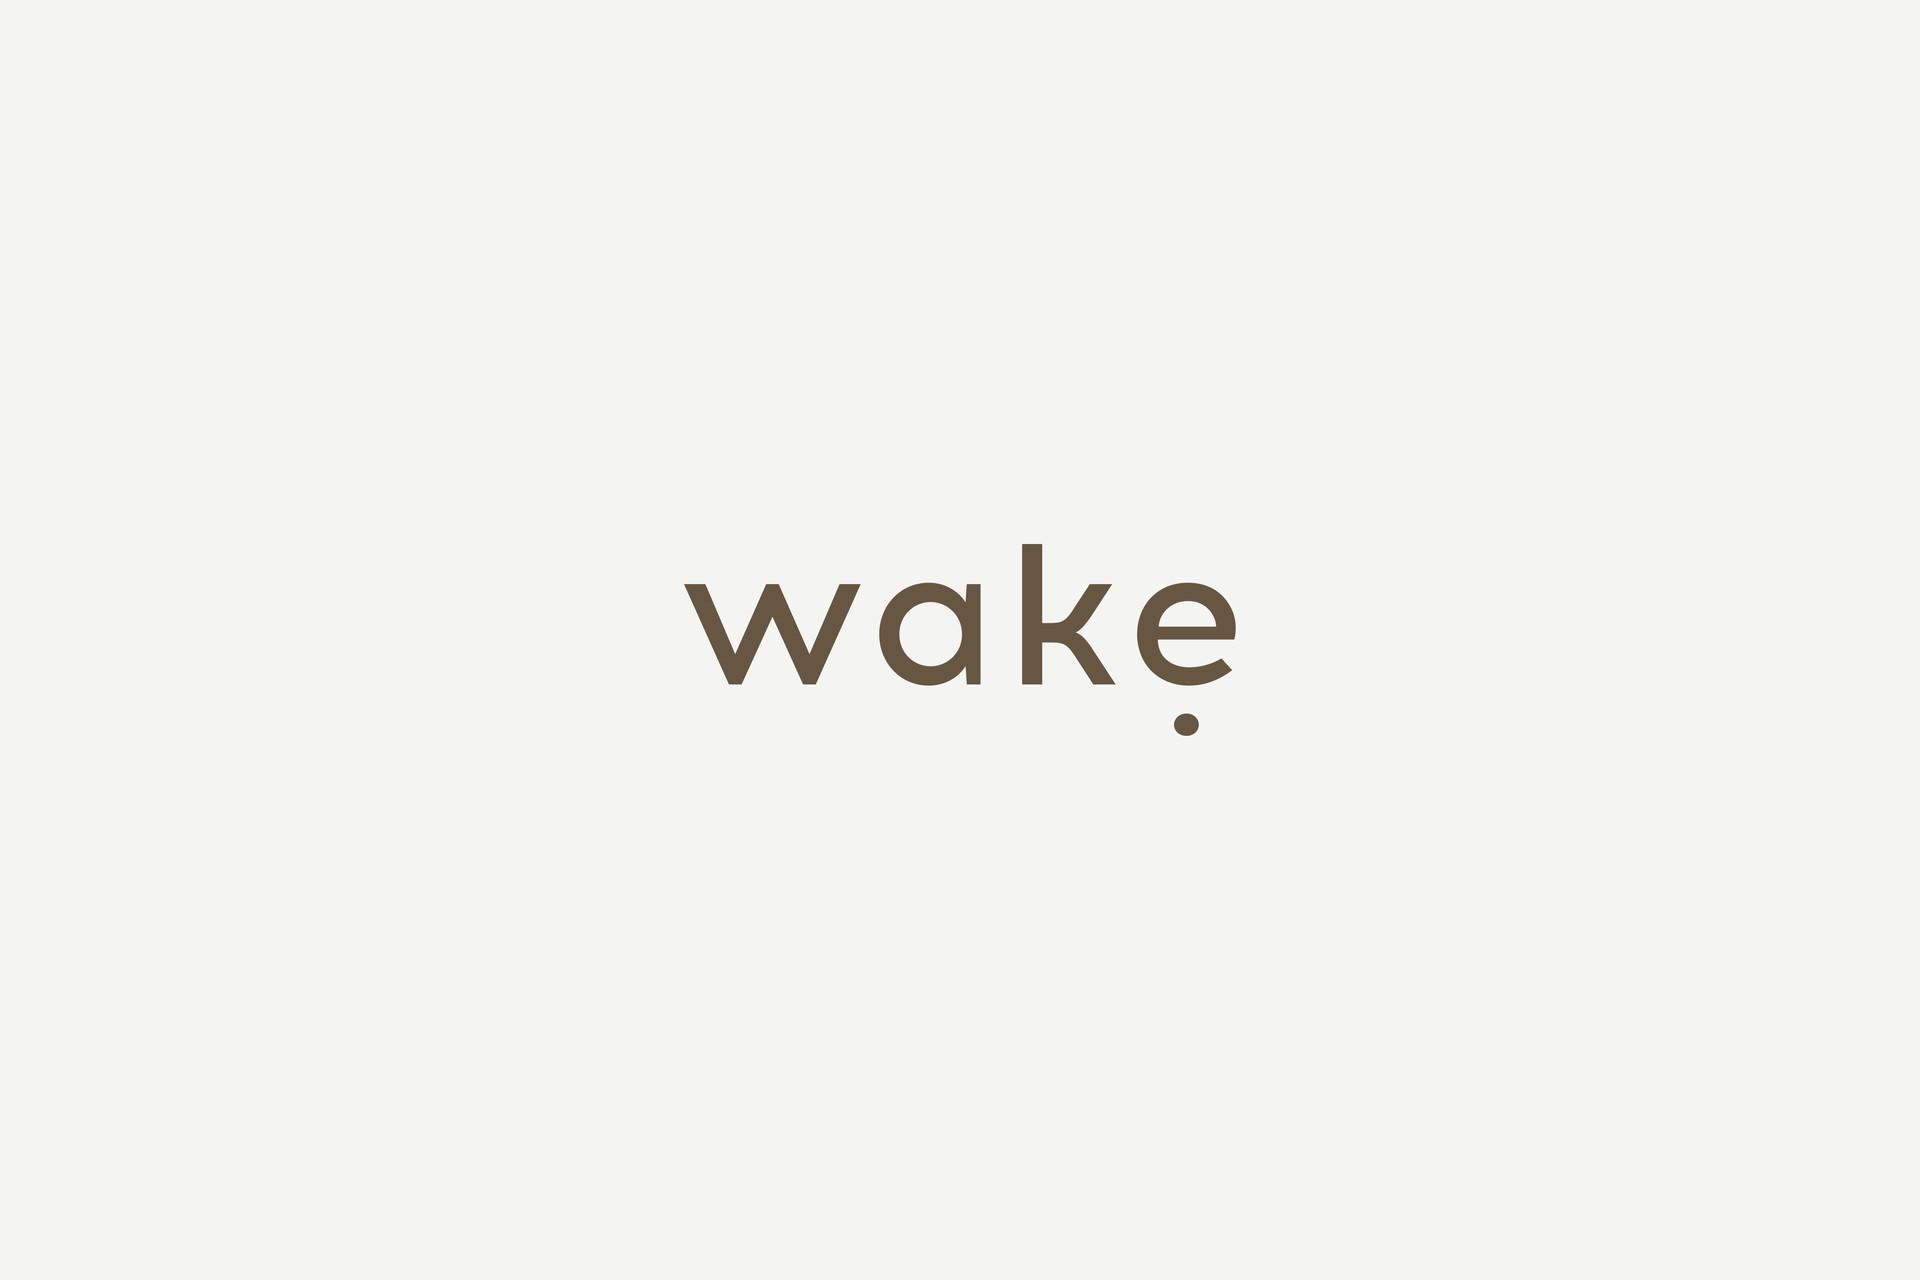 fagerstrom-studio-wake